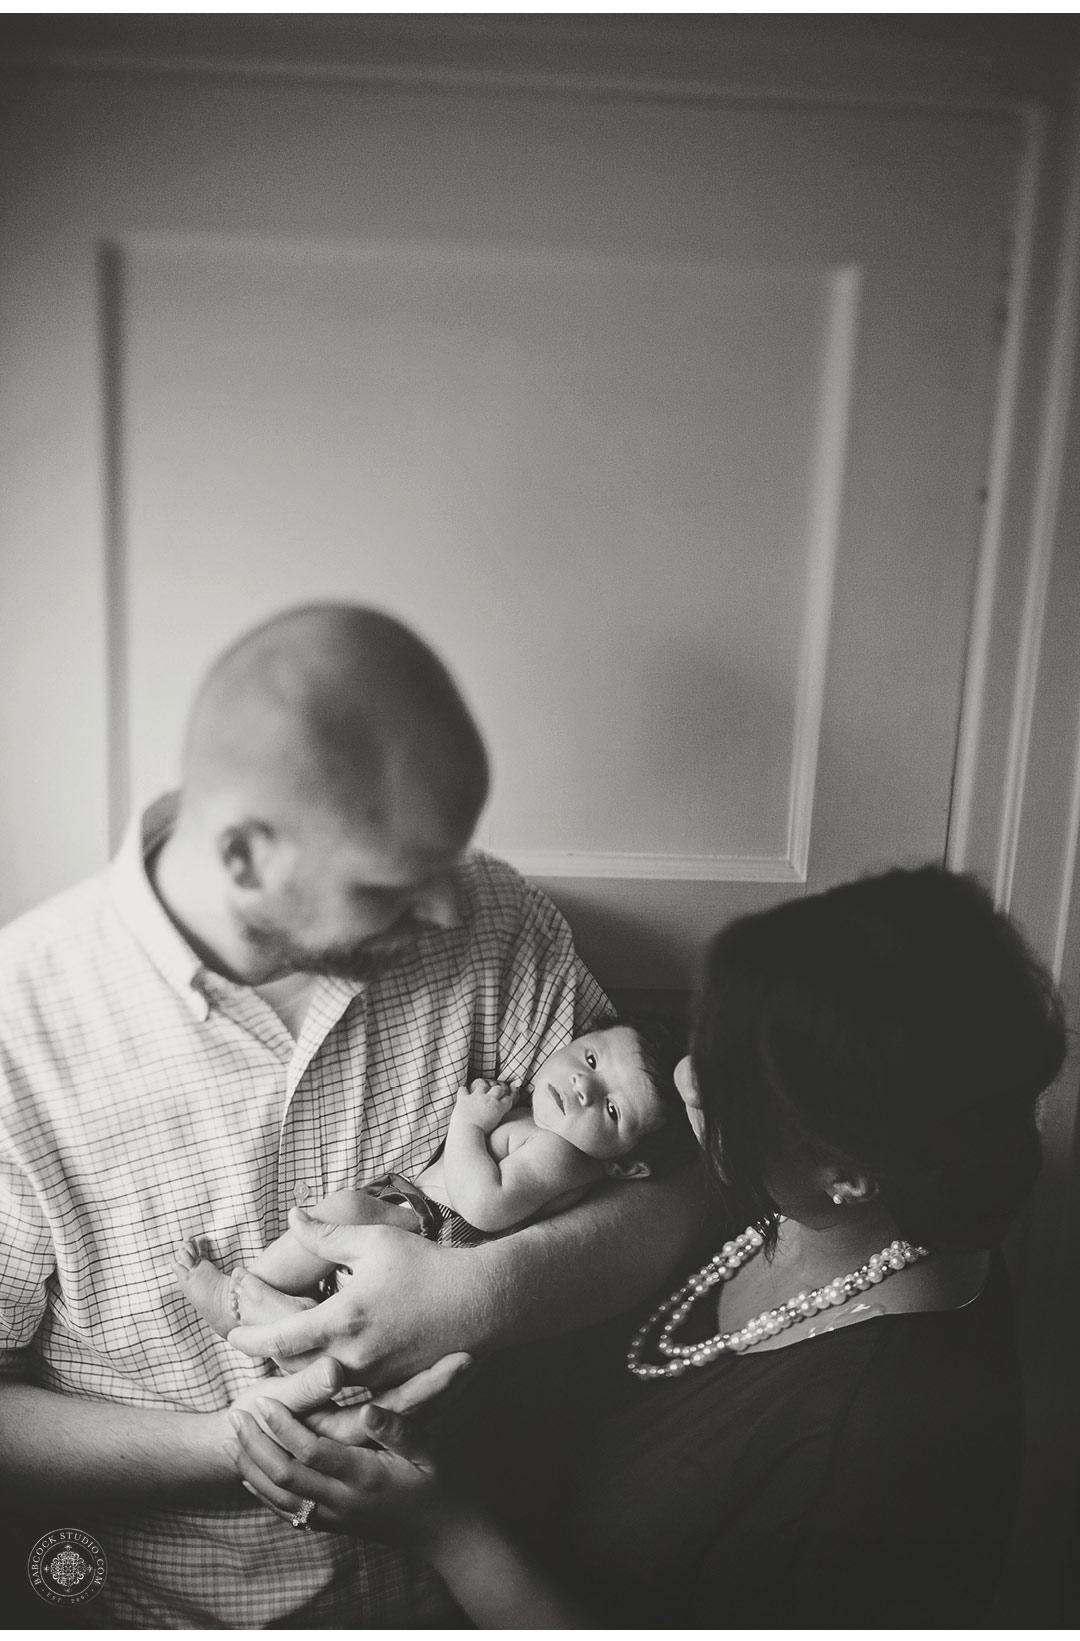 watras-newborn-bellbrook-photographer-children-8.jpg